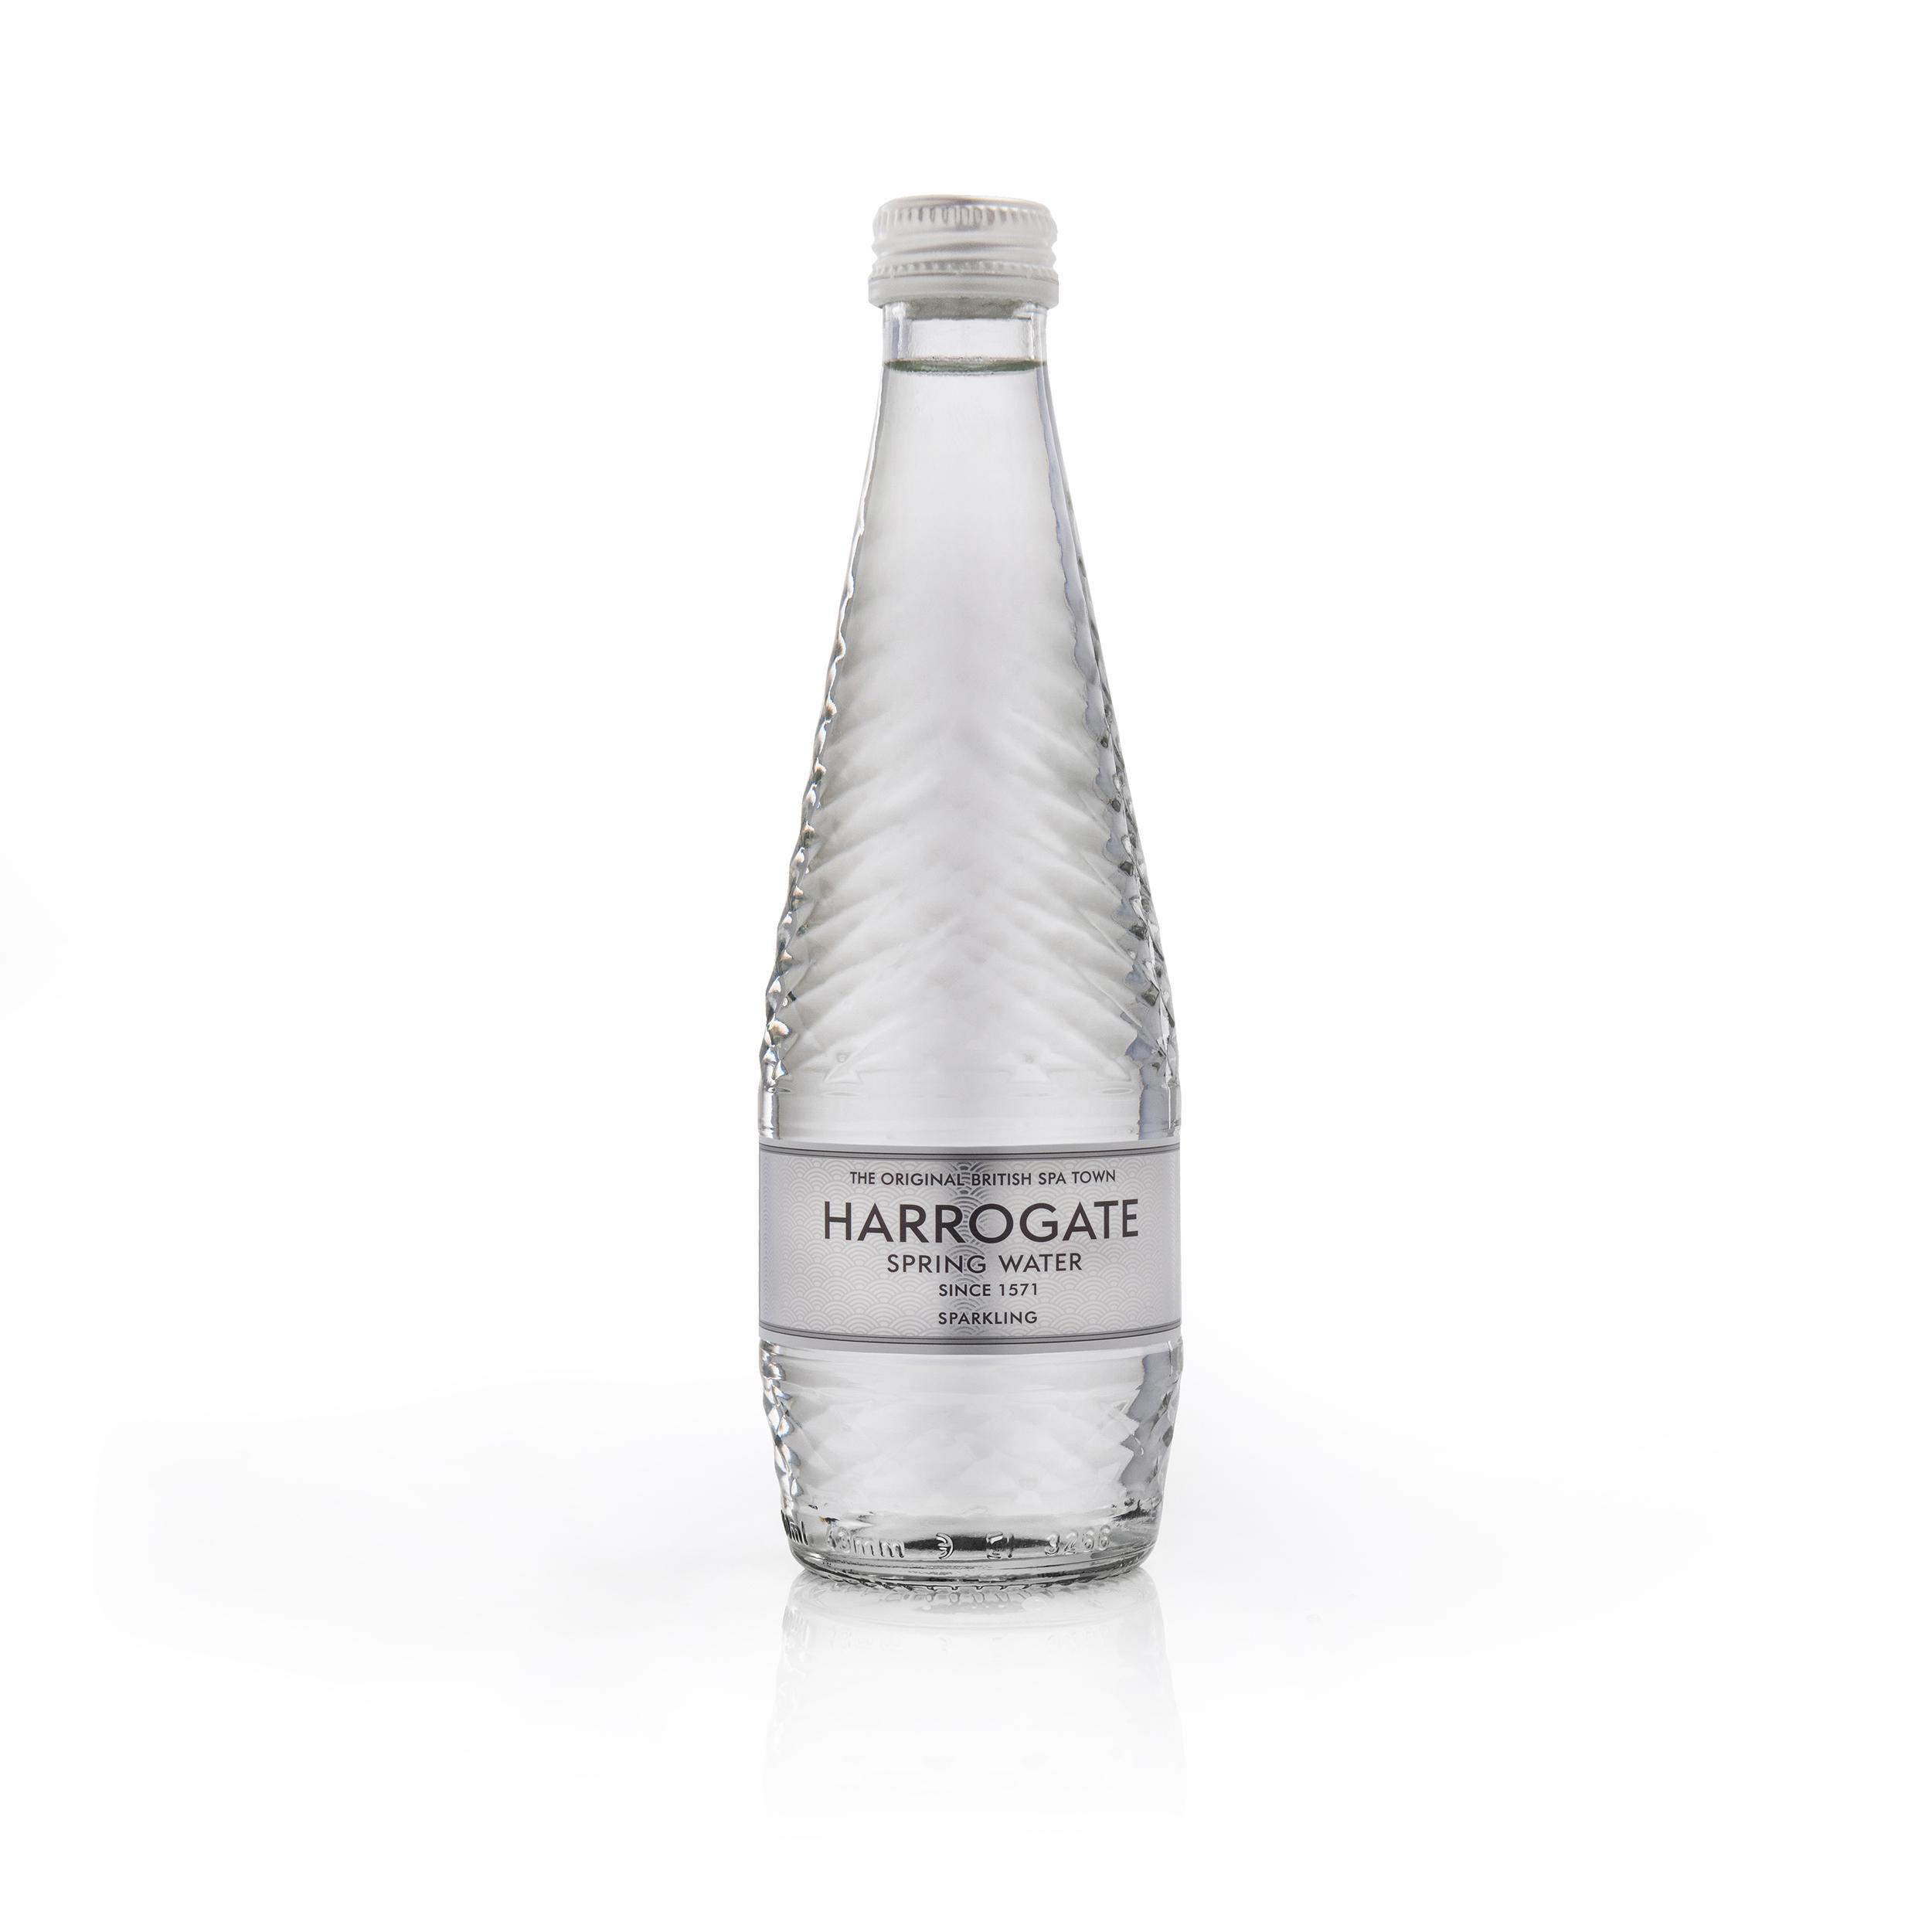 Harrogate Sparkling Water Glass Bottle 330ml Ref G330242C [Pack 24]